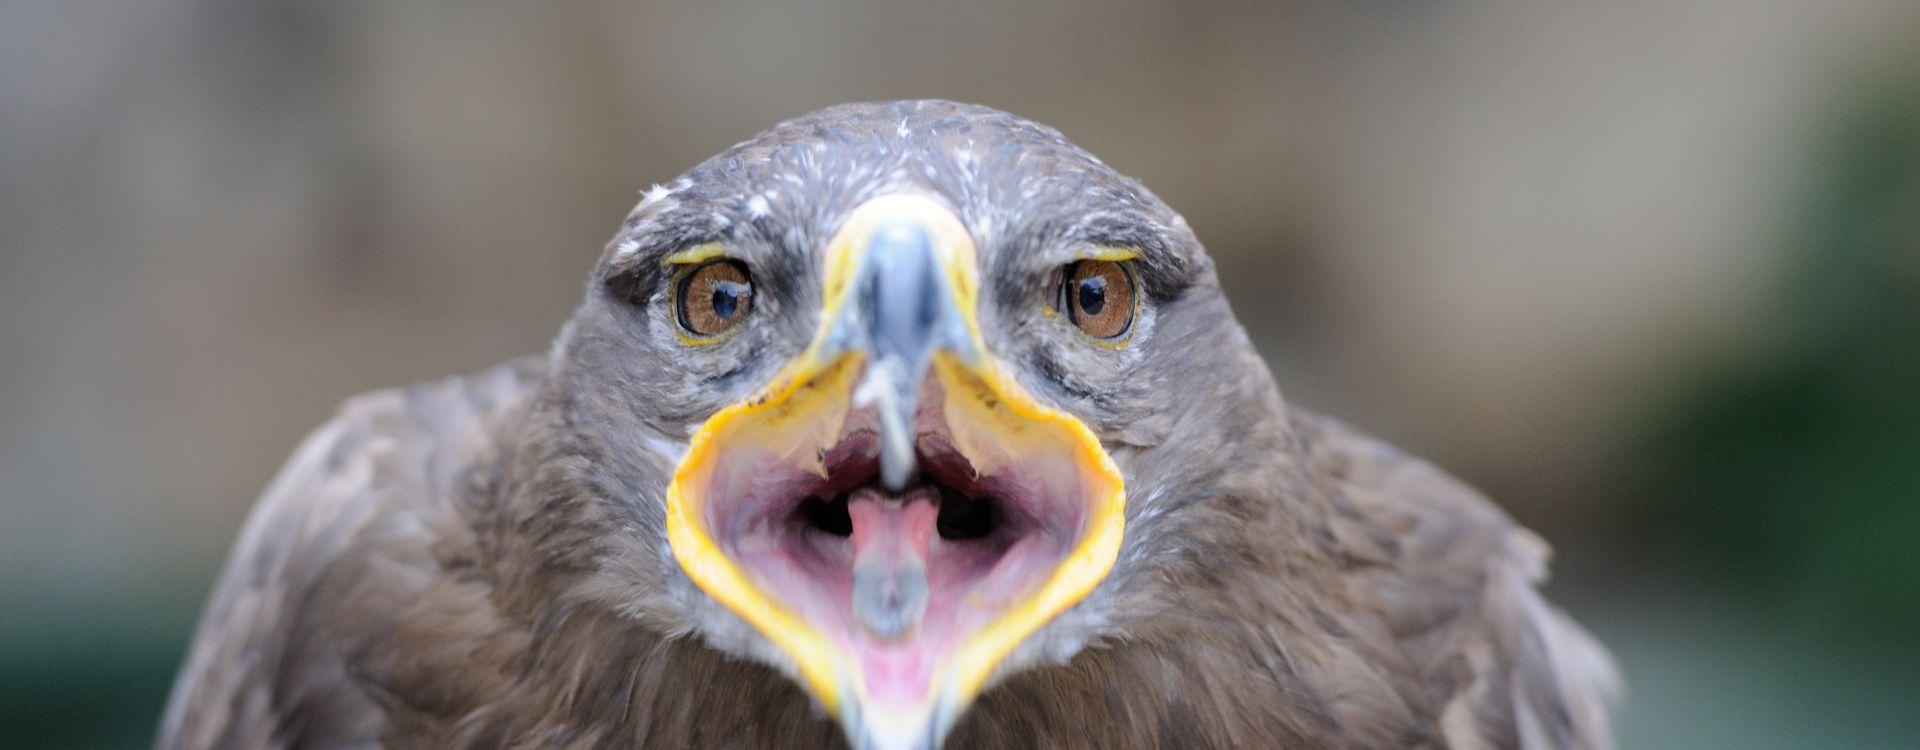 Aigle, gypaète, vautour : rapaces mythiques